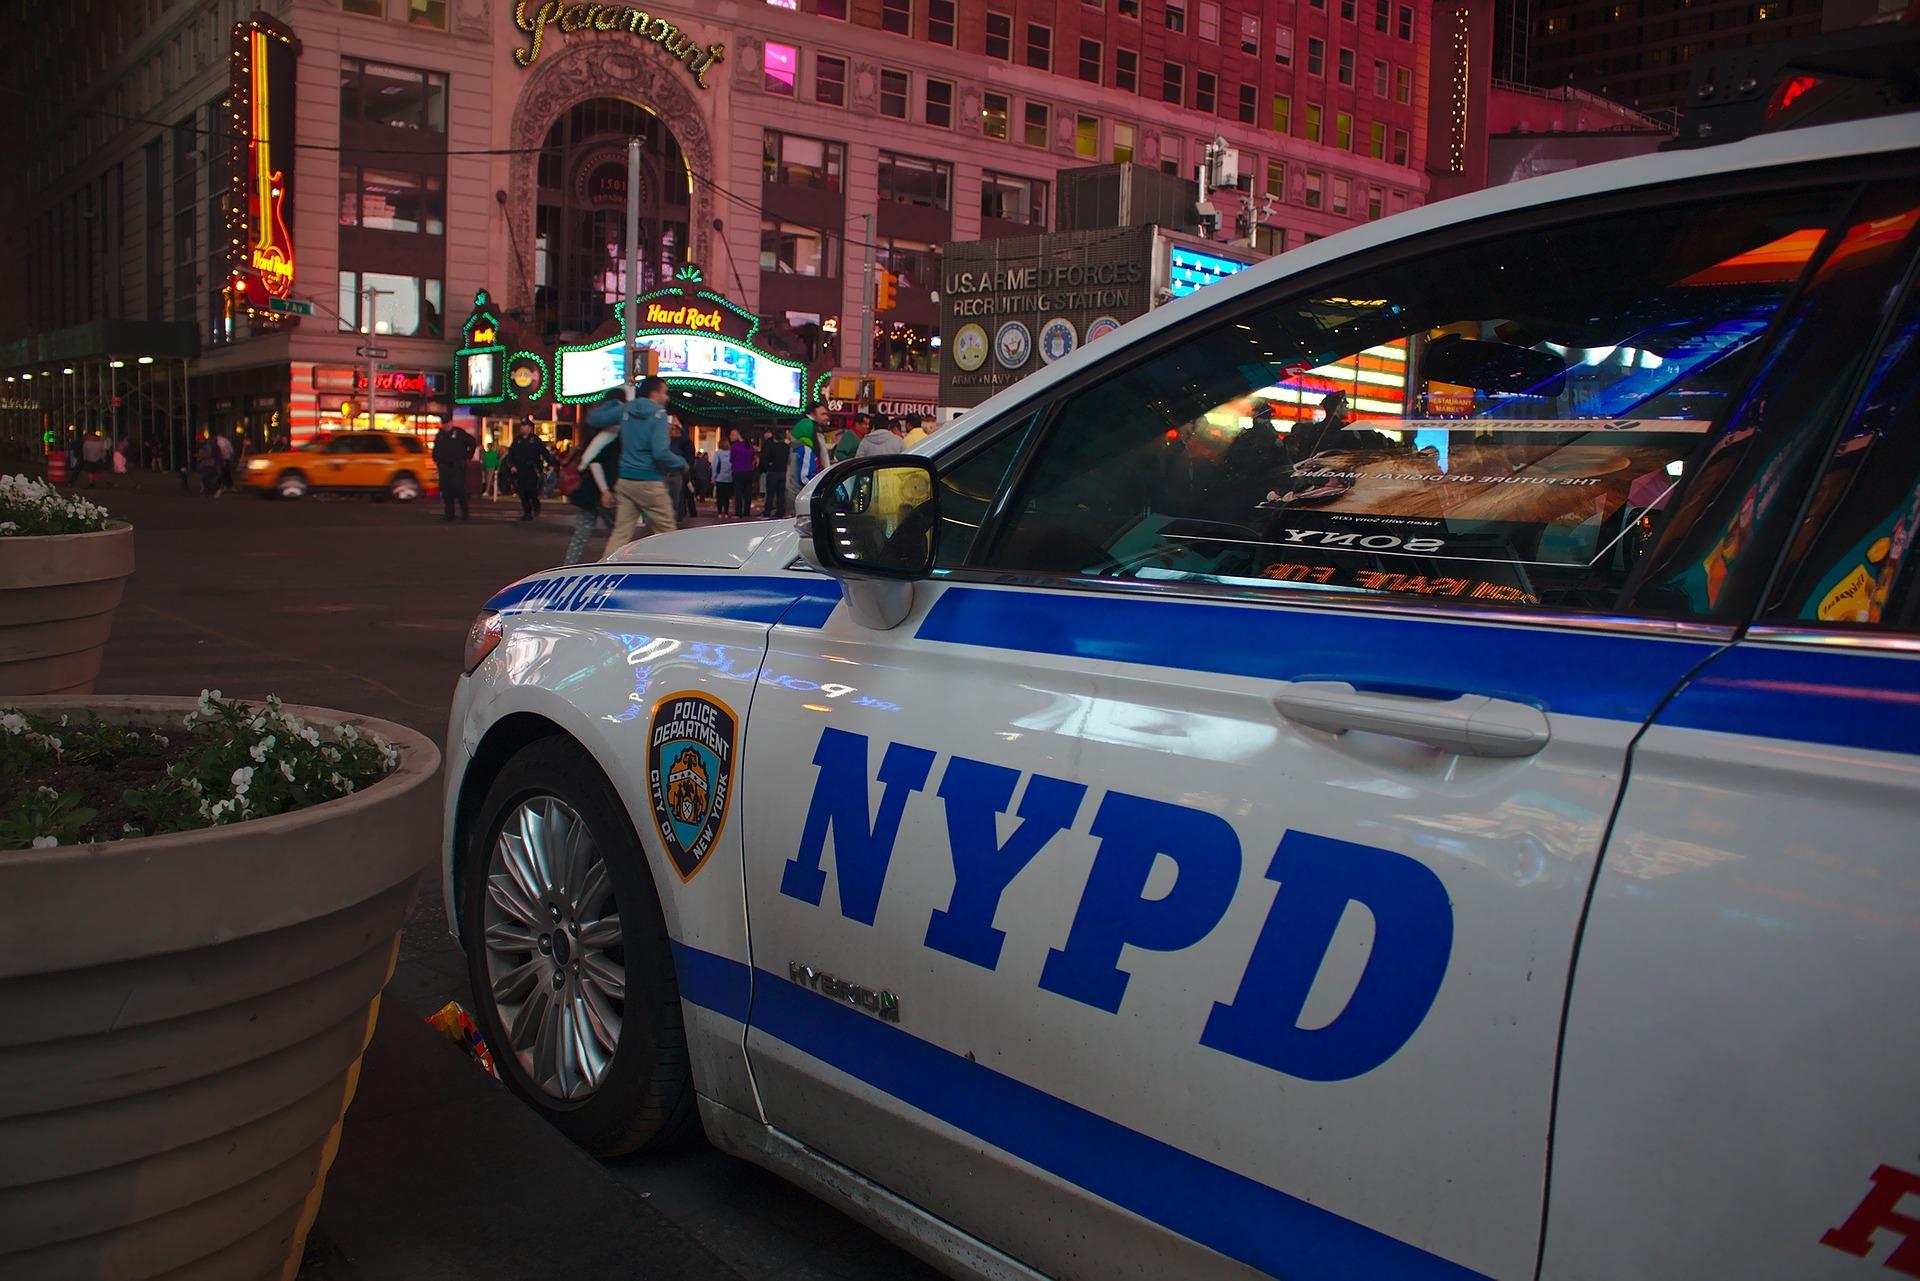 Politie, NYPD